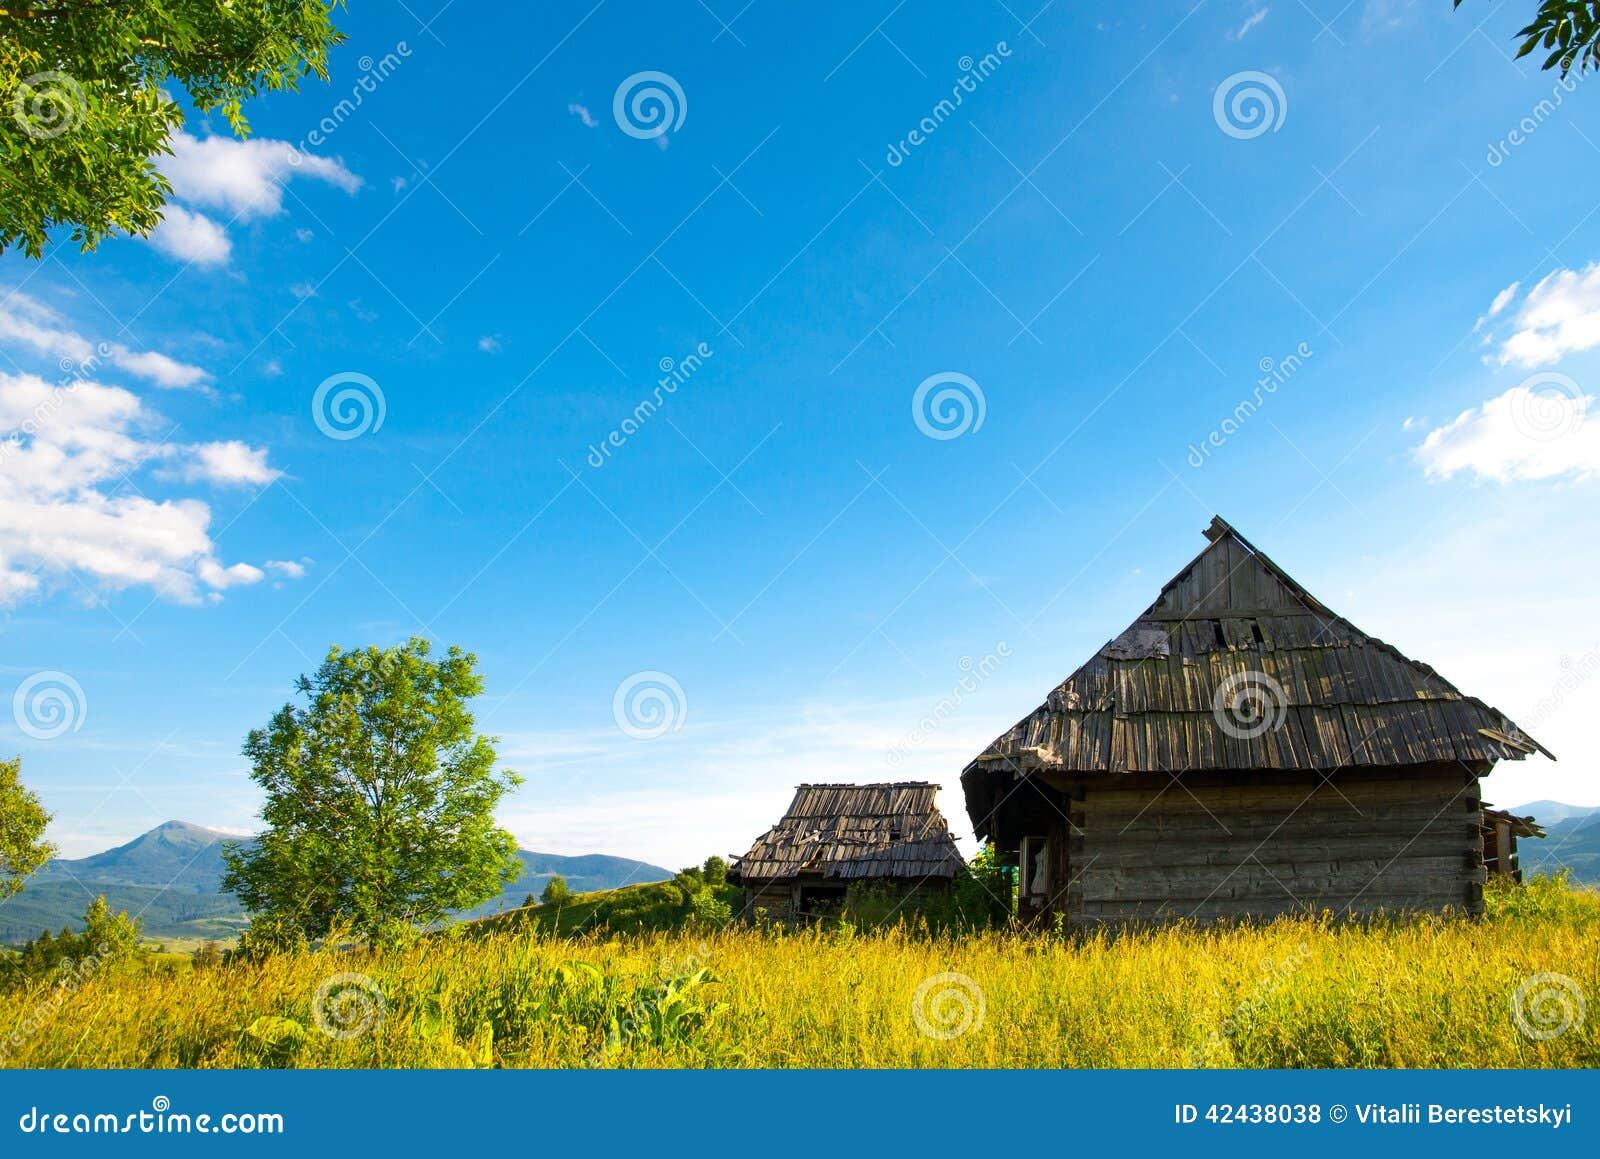 Carpat cárpato idílico del panorama del prado de la montaña del verano del chalet